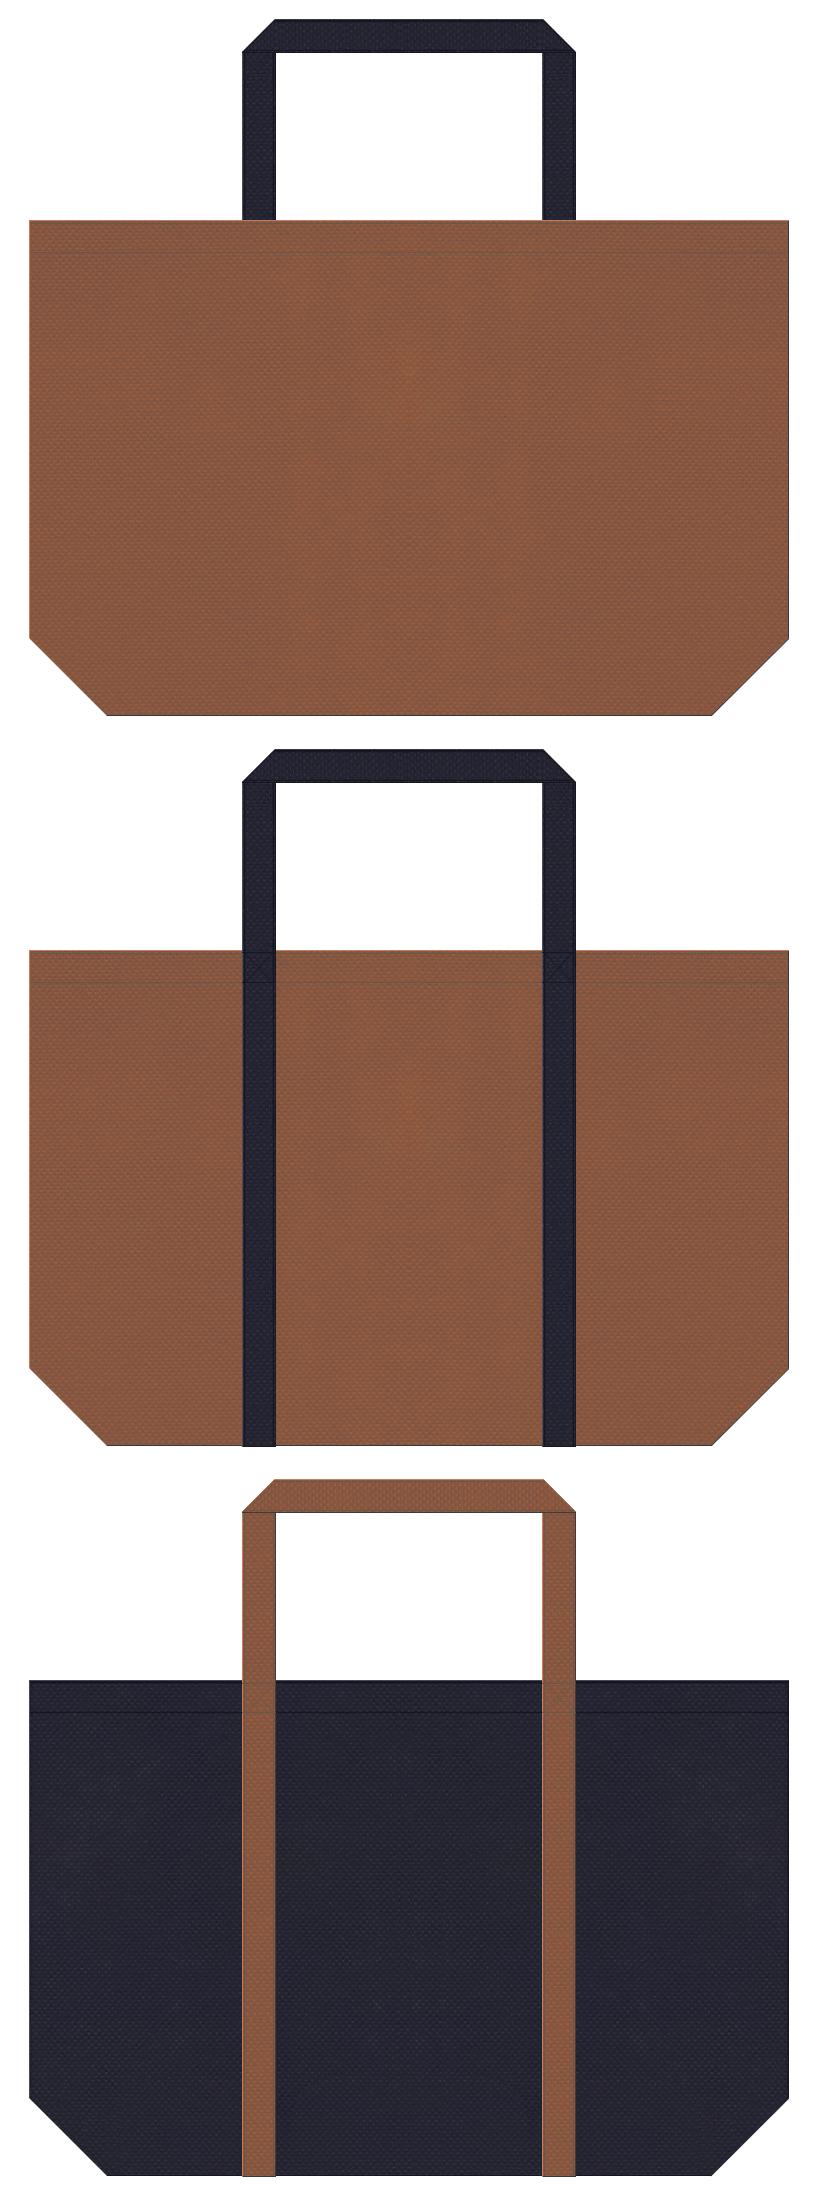 茶色と濃紺色の不織布ショッピングバッグデザイン。カジュアル衣料のショッピングバッグにお奨めです。